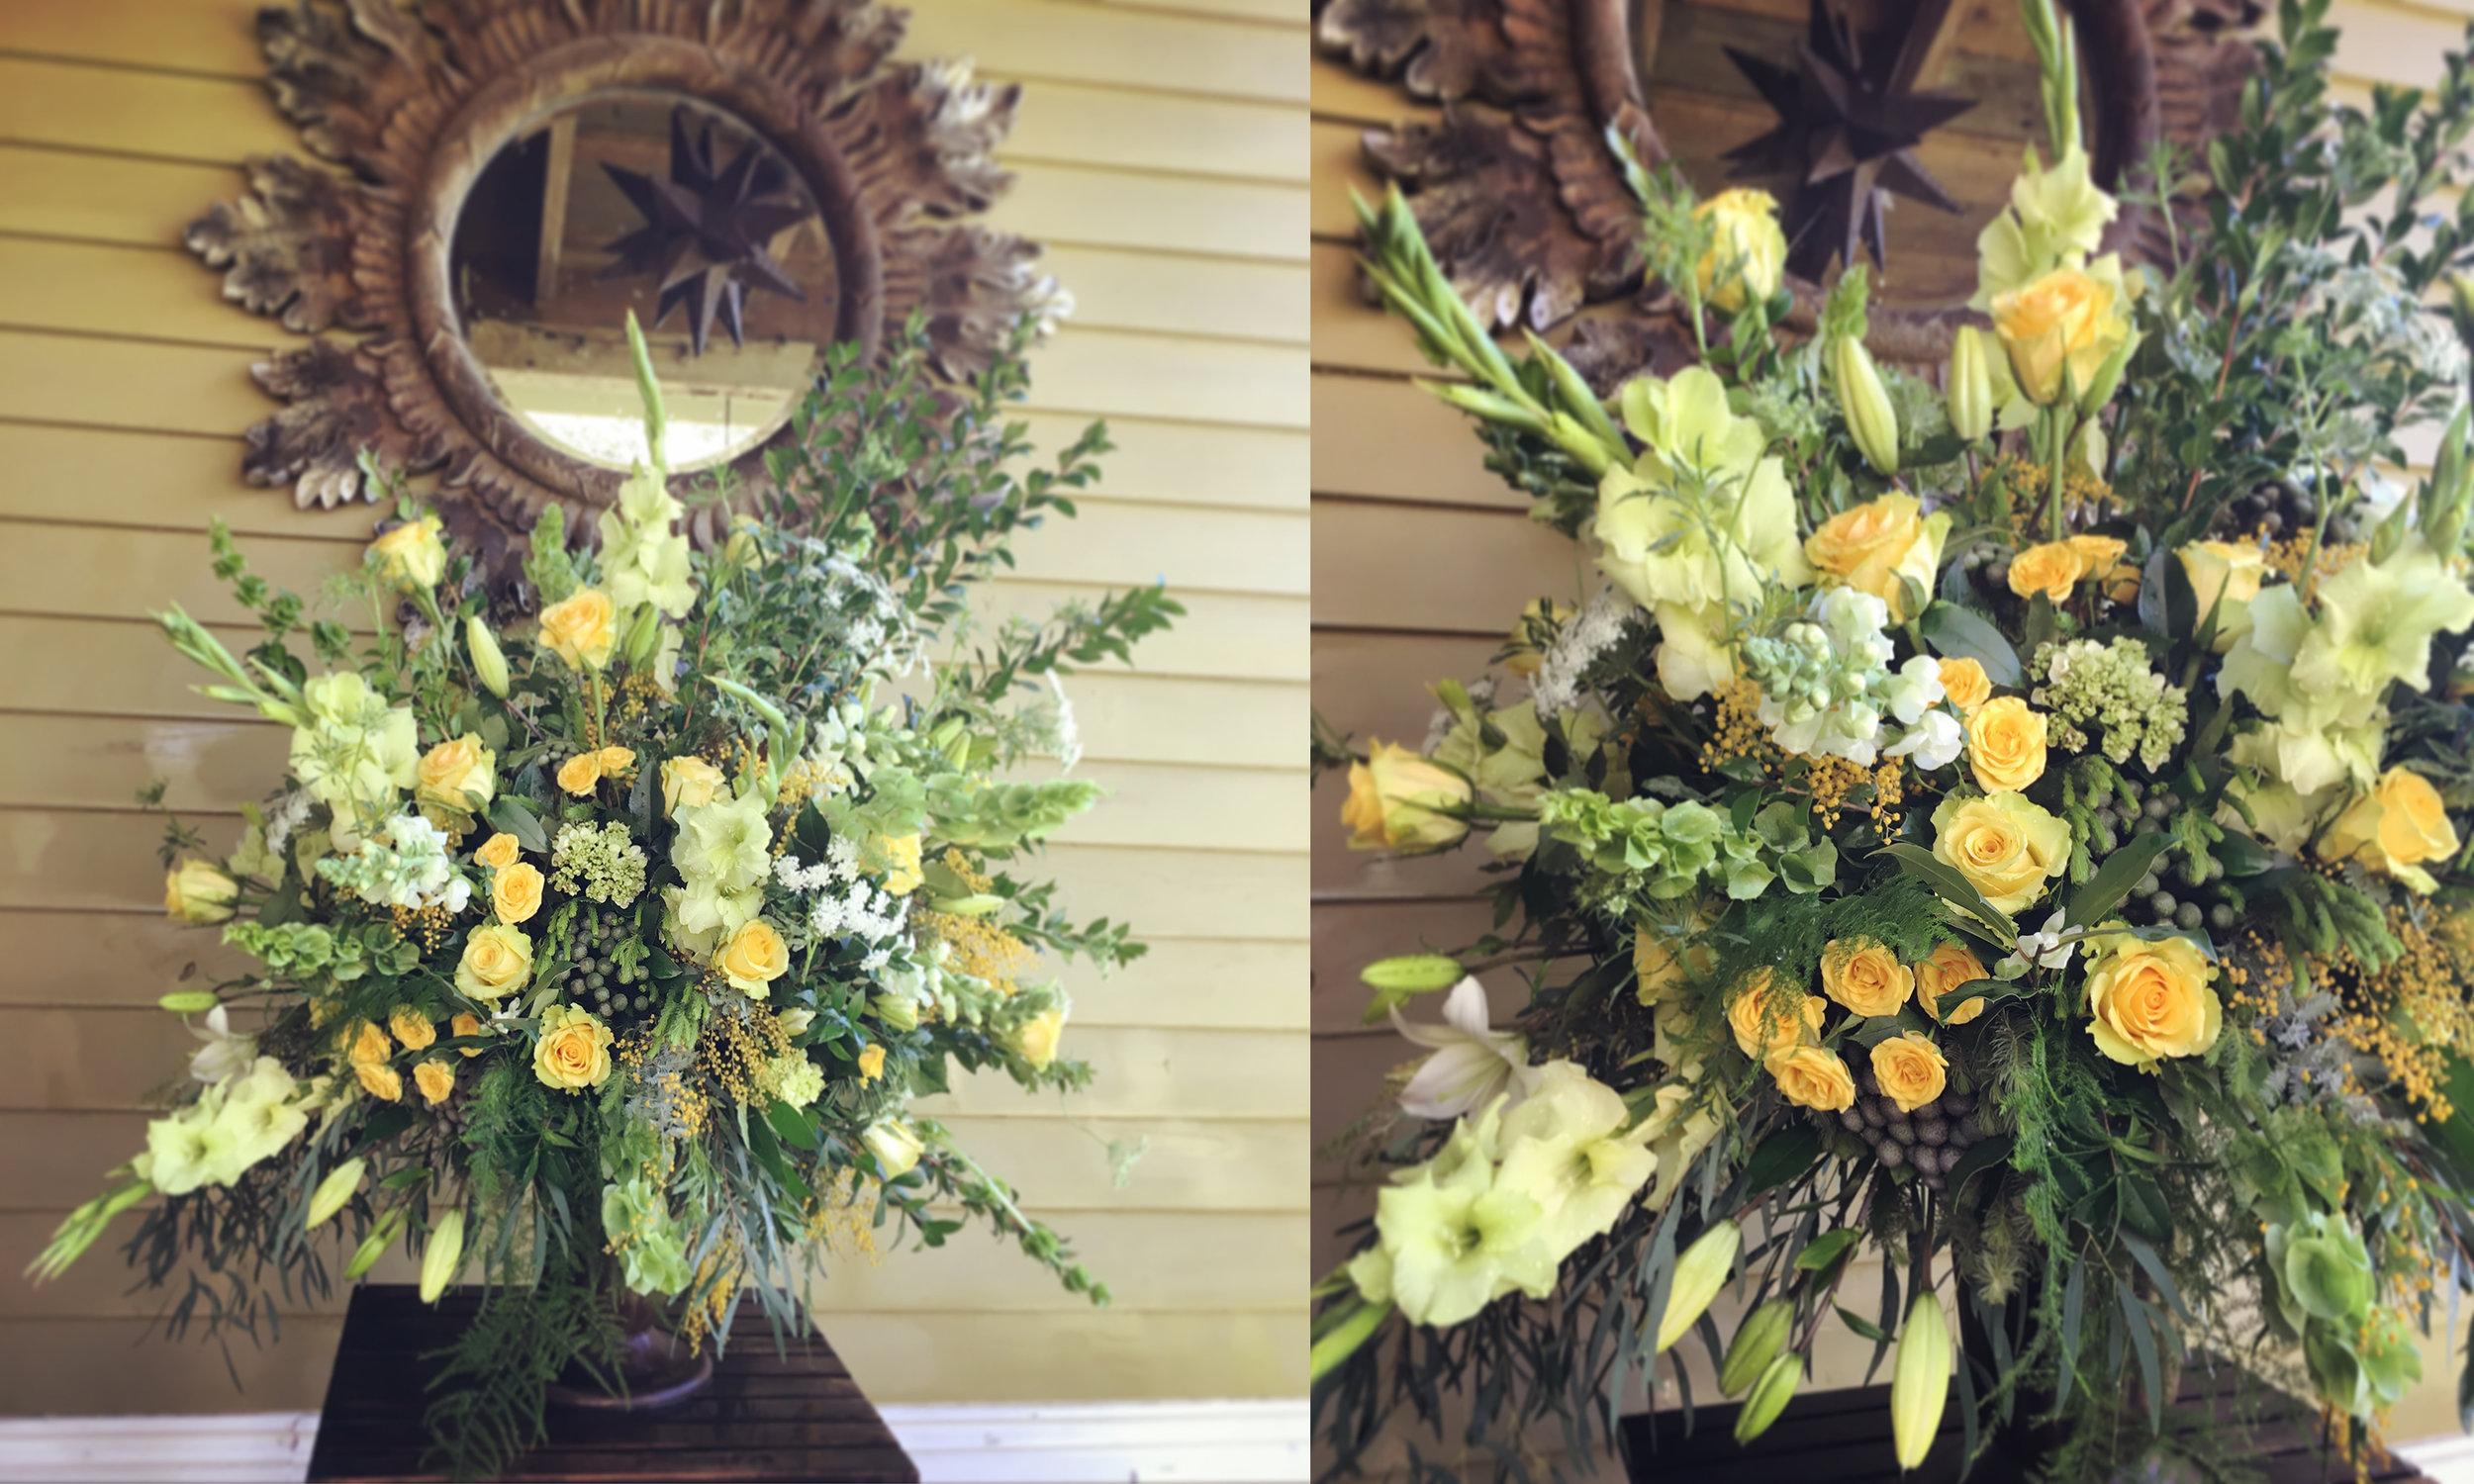 edna's flowers.jpg